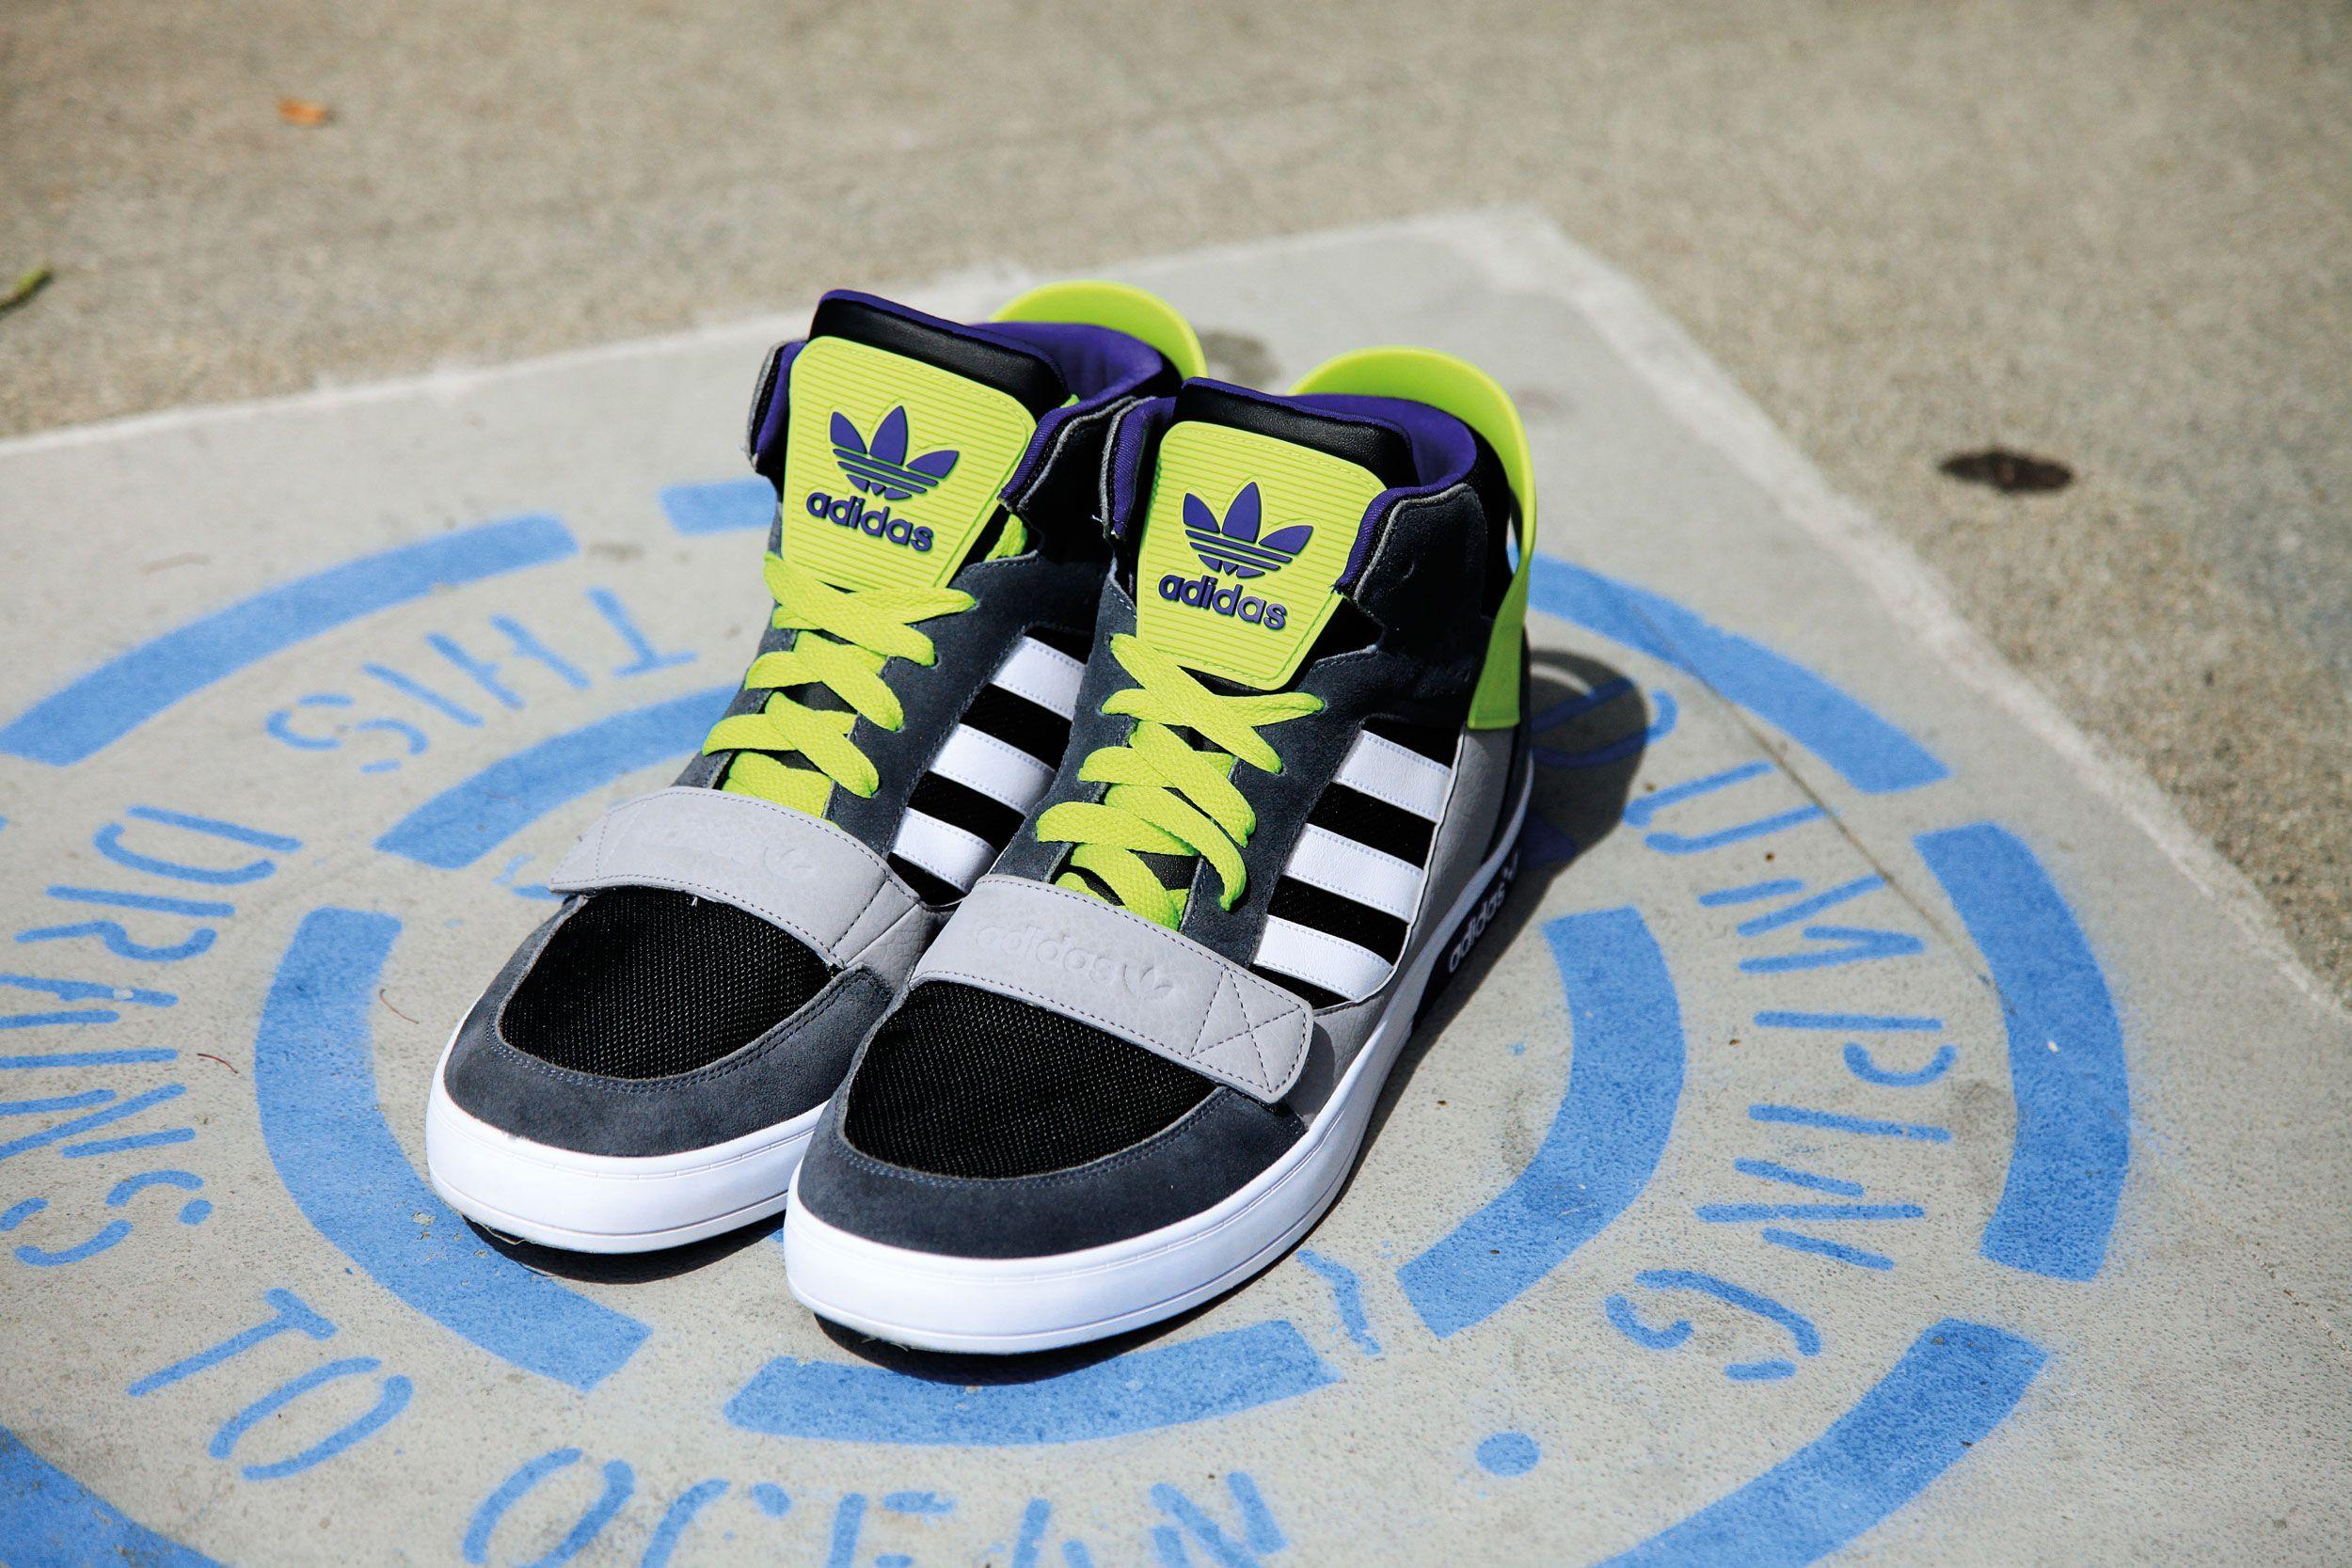 Adidas Originals Defender Neon